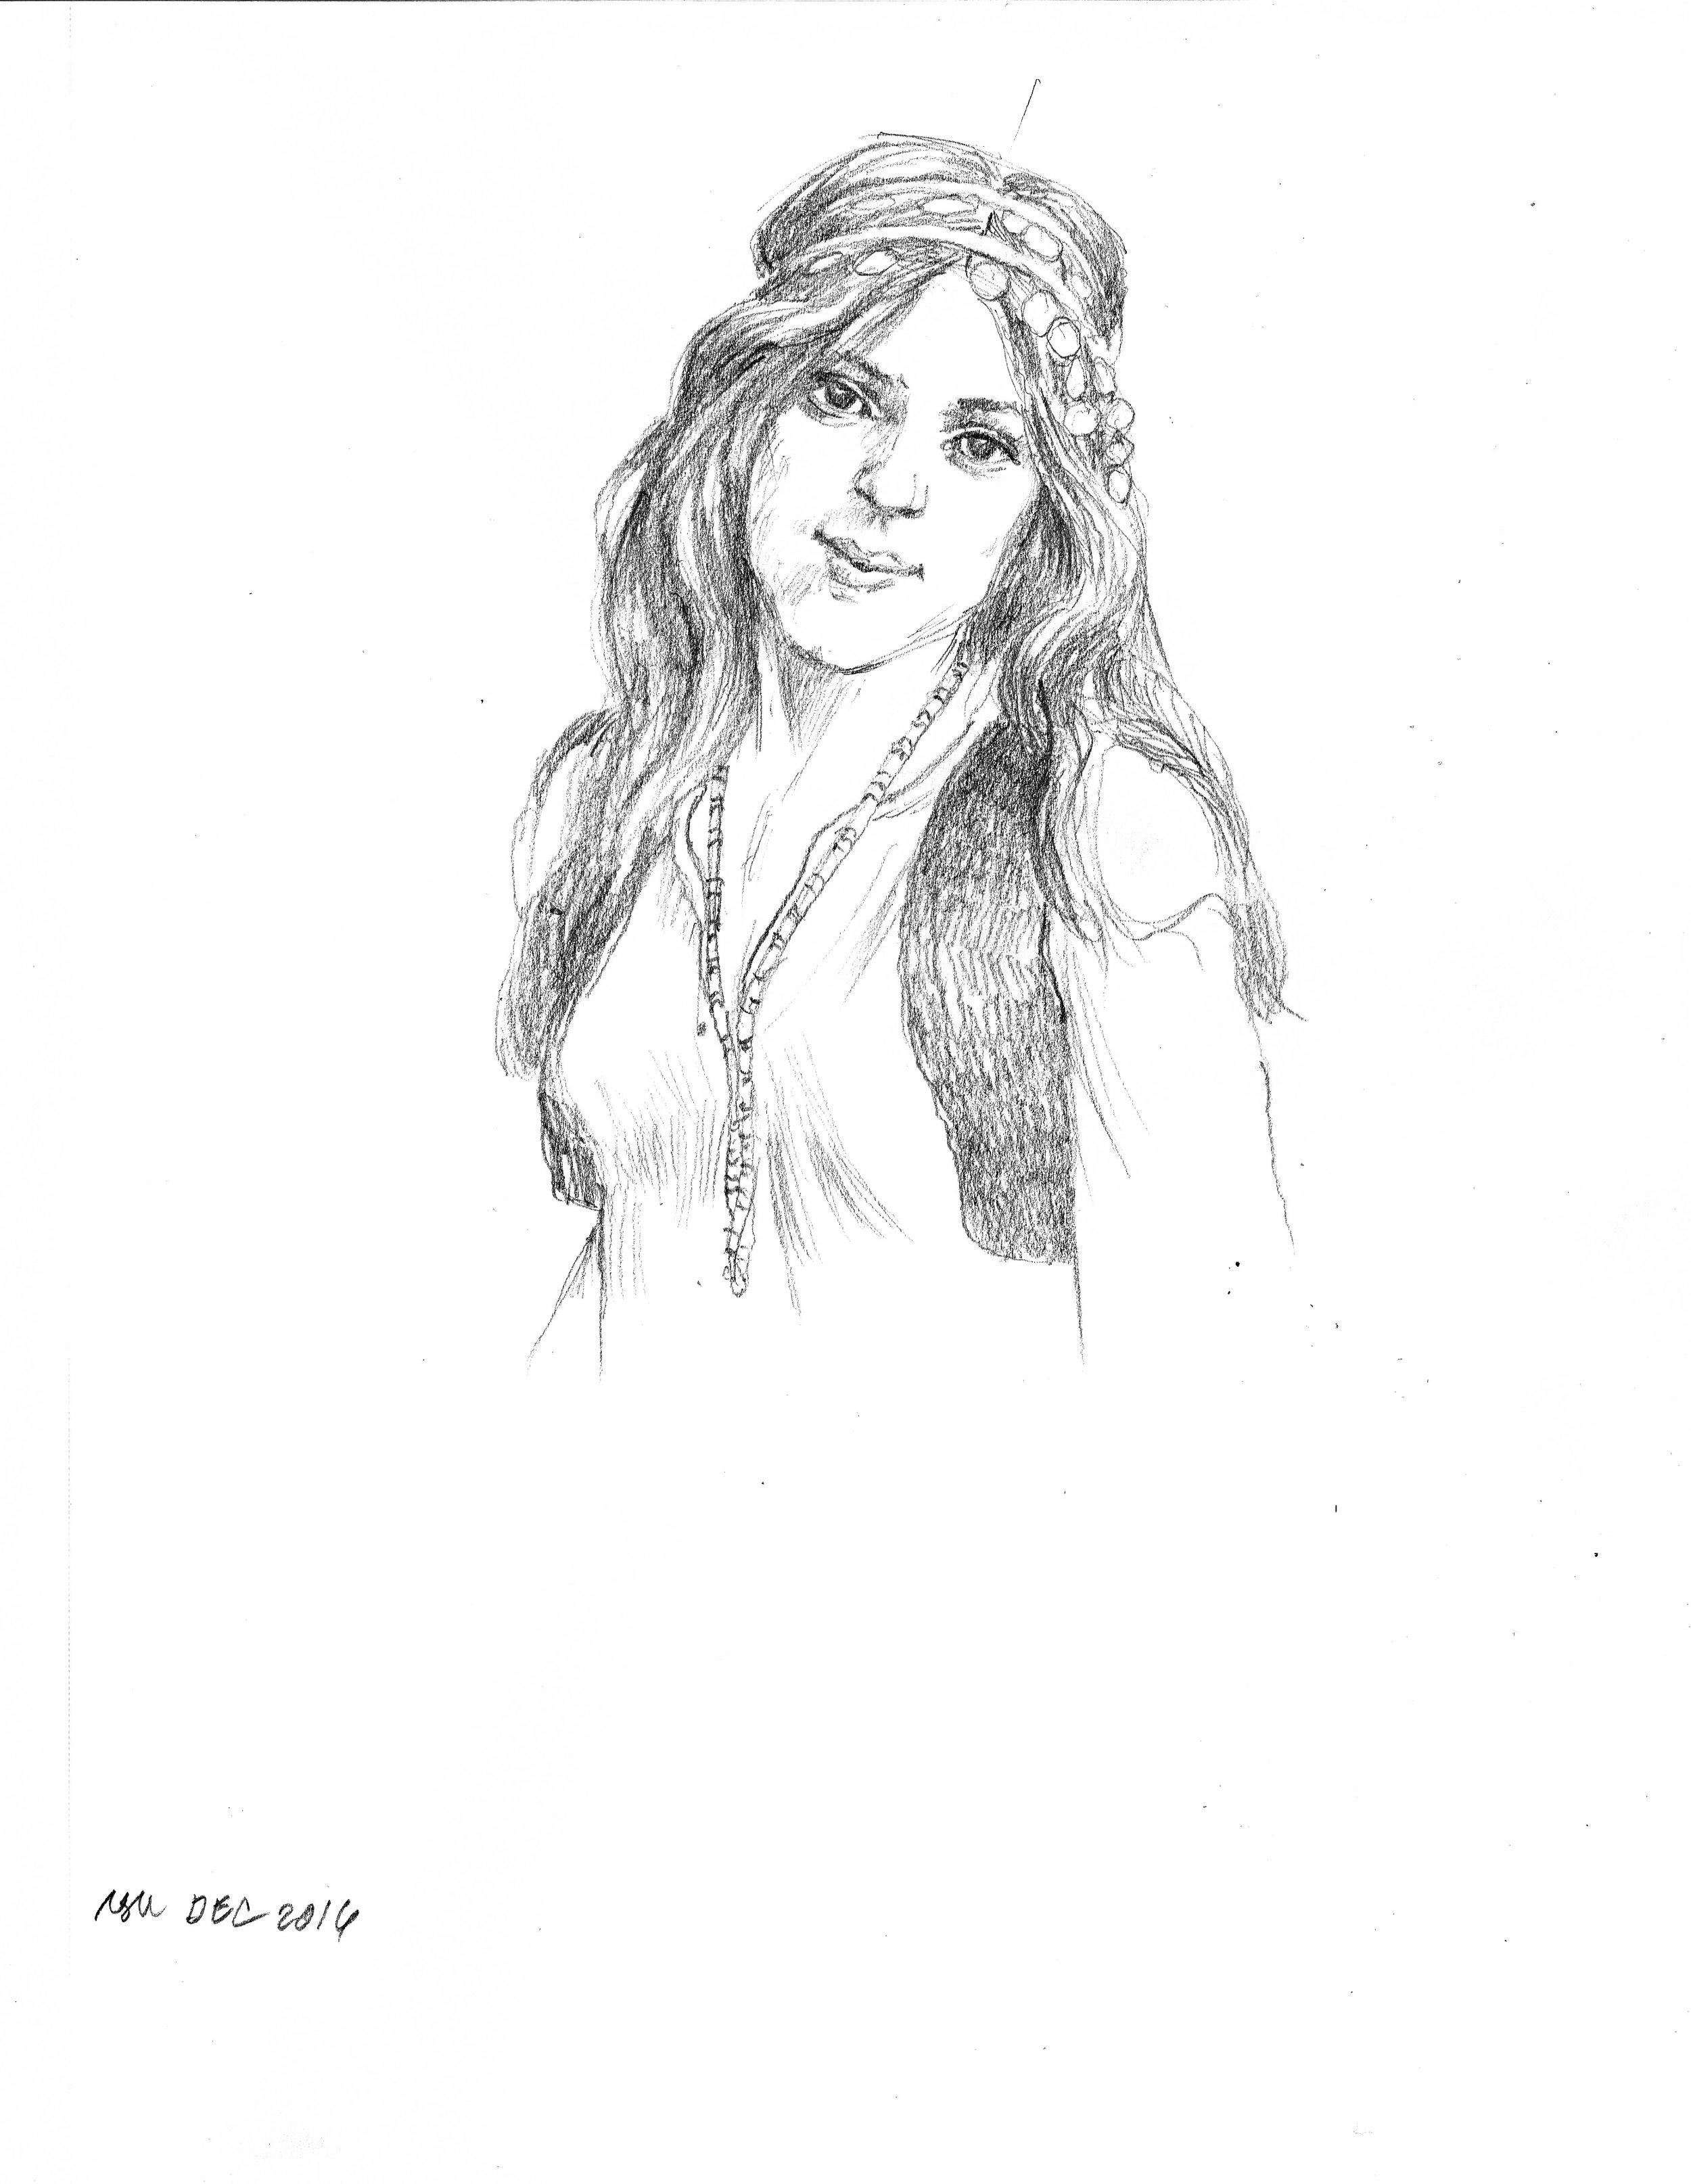 2016 Nov Dec sketches